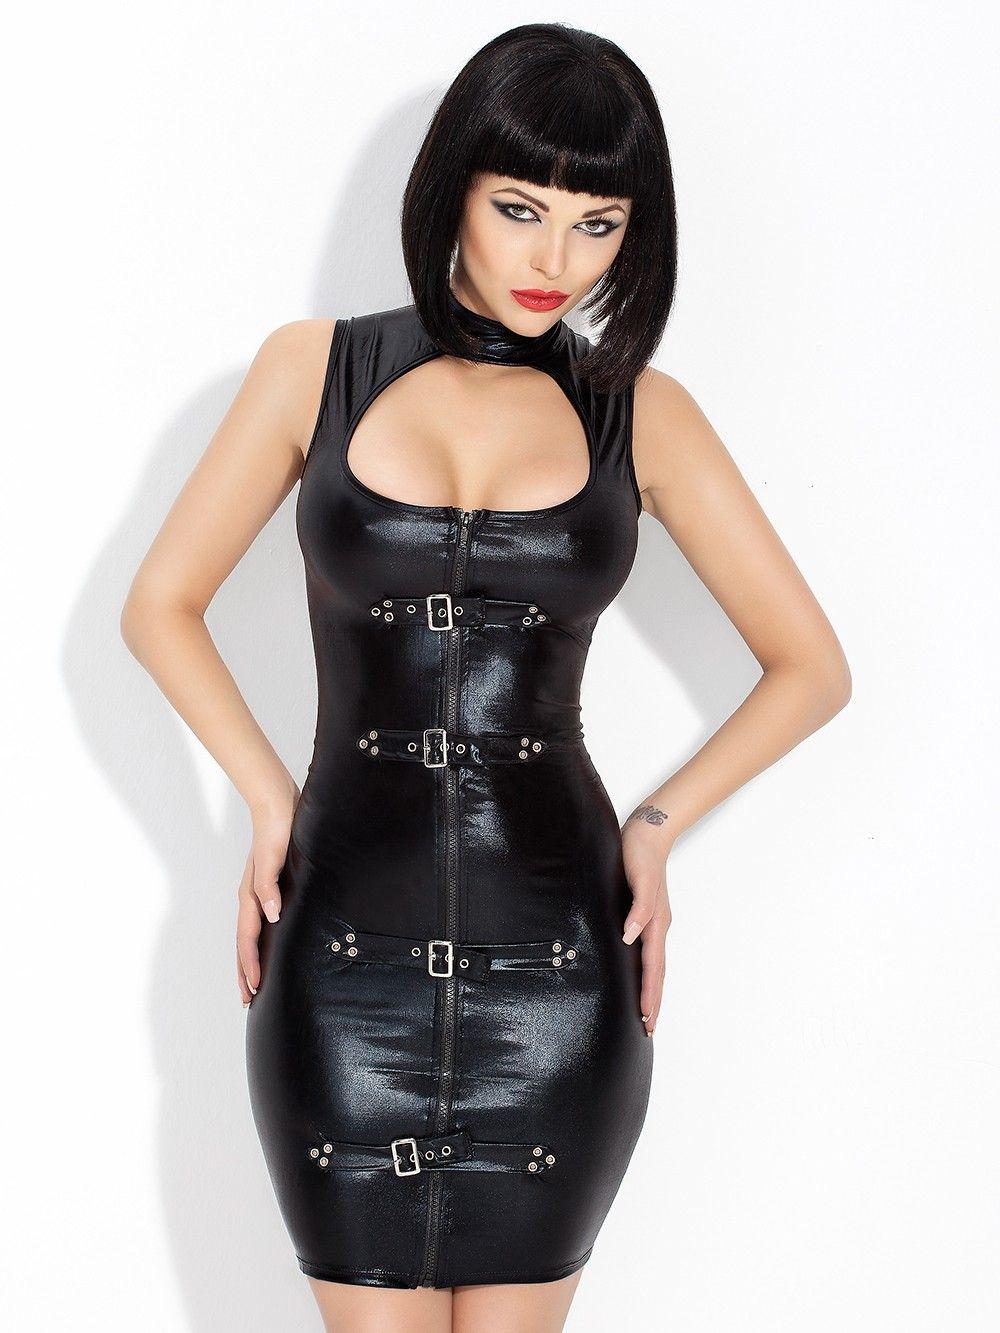 Faux de los trajes atractivos del cuero partido de las mujeres vestido caliente Negro Vinilo atractivas ahuecan hacia fuera ajustado de la mirada mojada del cuello alto de vestuario